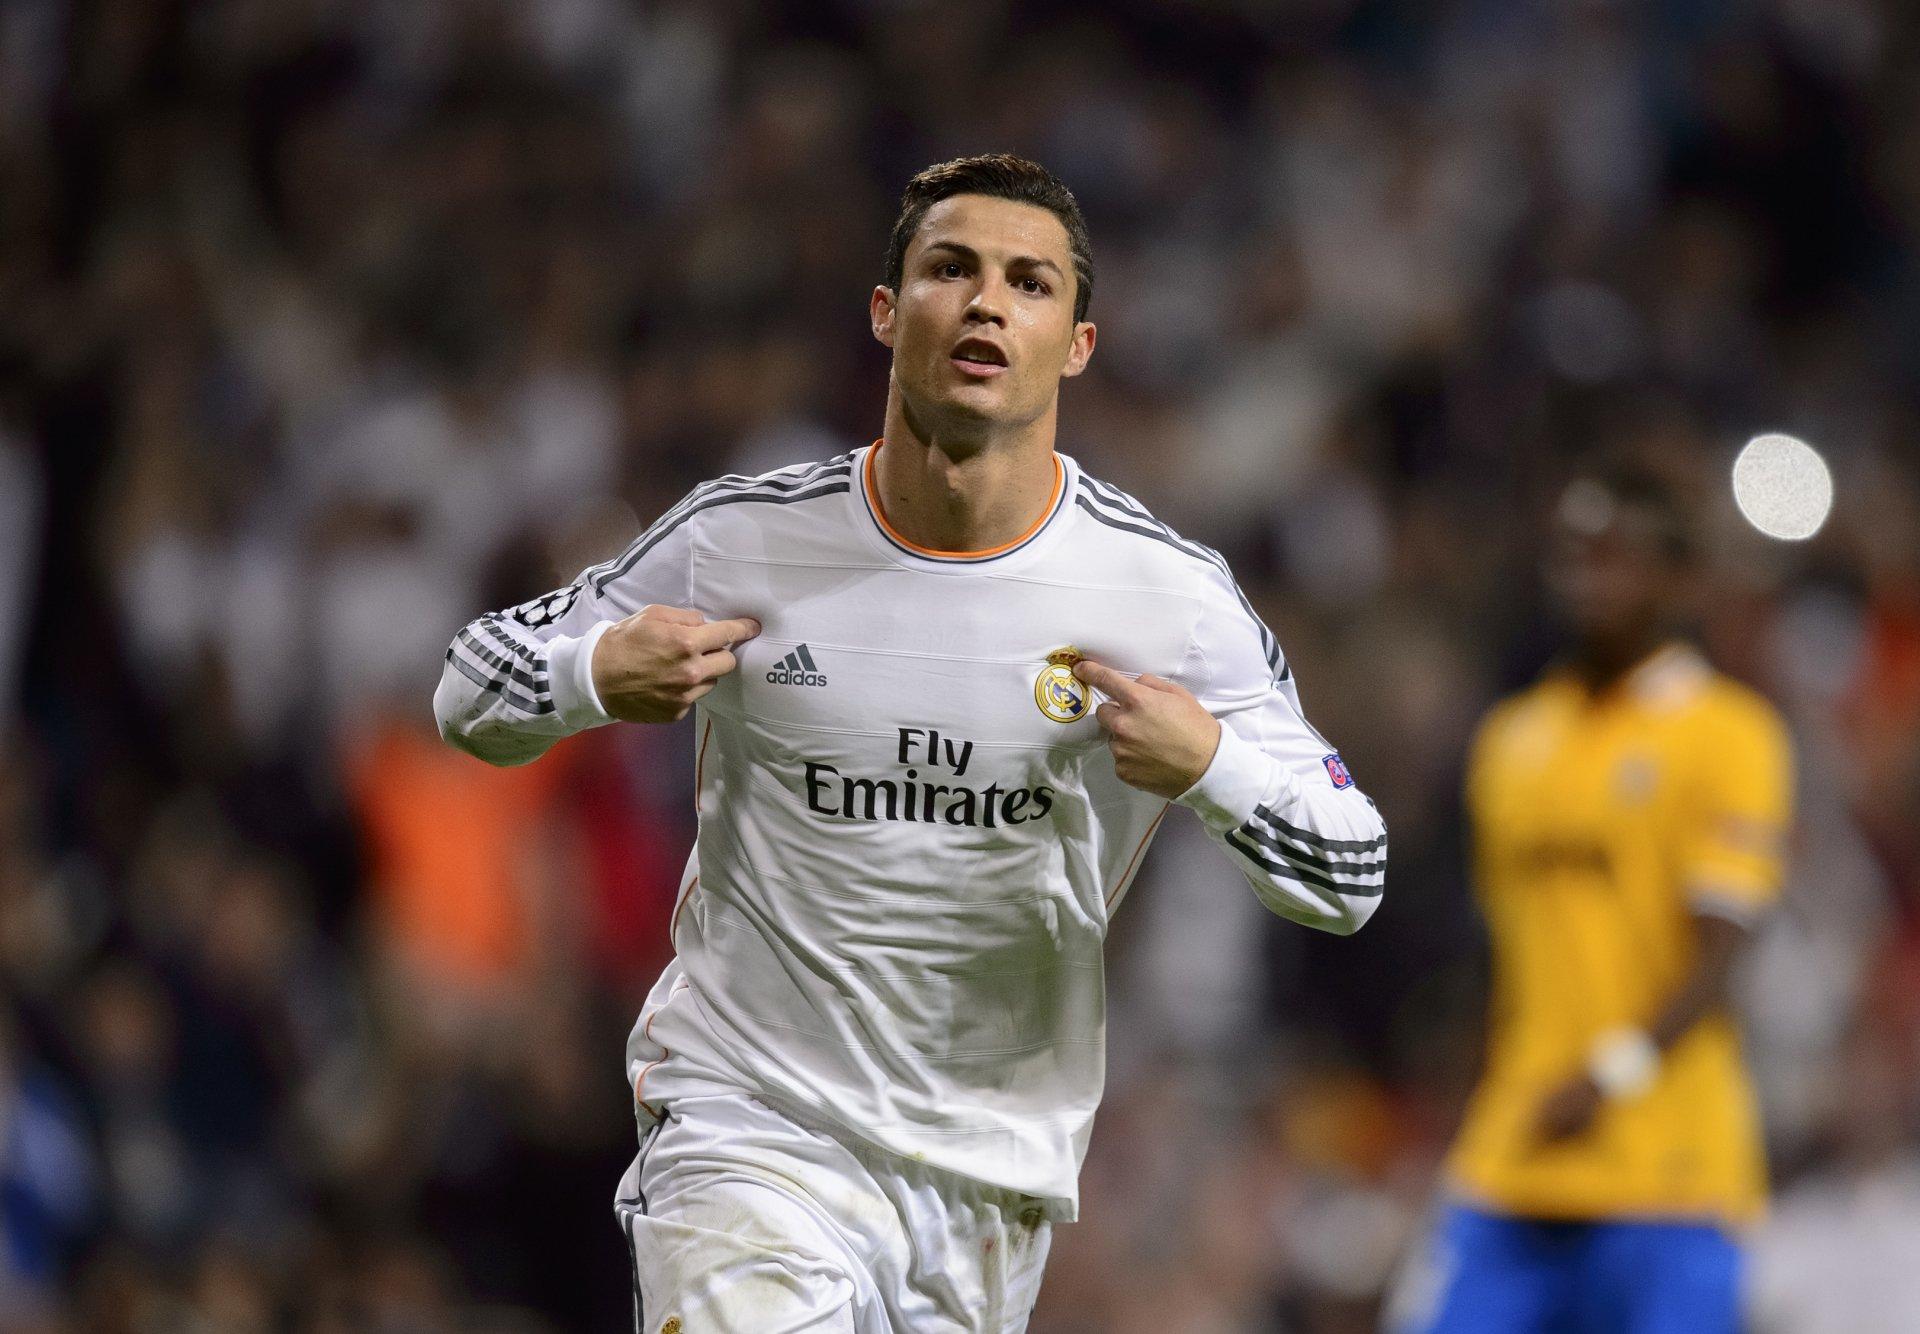 Sports - Cristiano Ronaldo  Portuguese Soccer Real Madrid C.F. Wallpaper